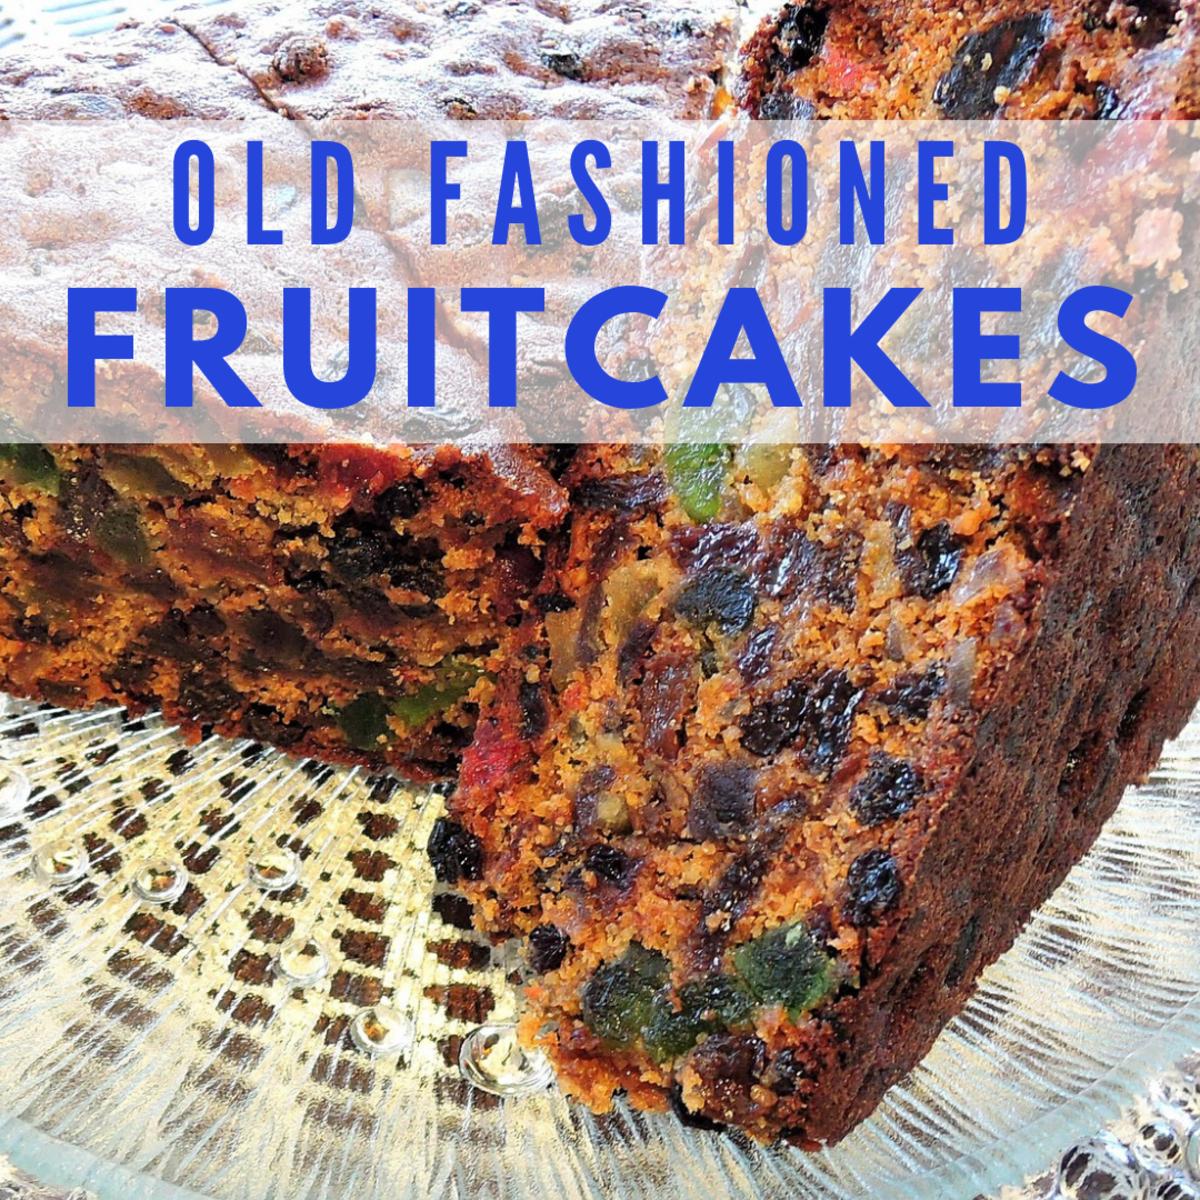 Old-Fashioned Fruitcake Baking Secrets (Plus 5 Recipes)